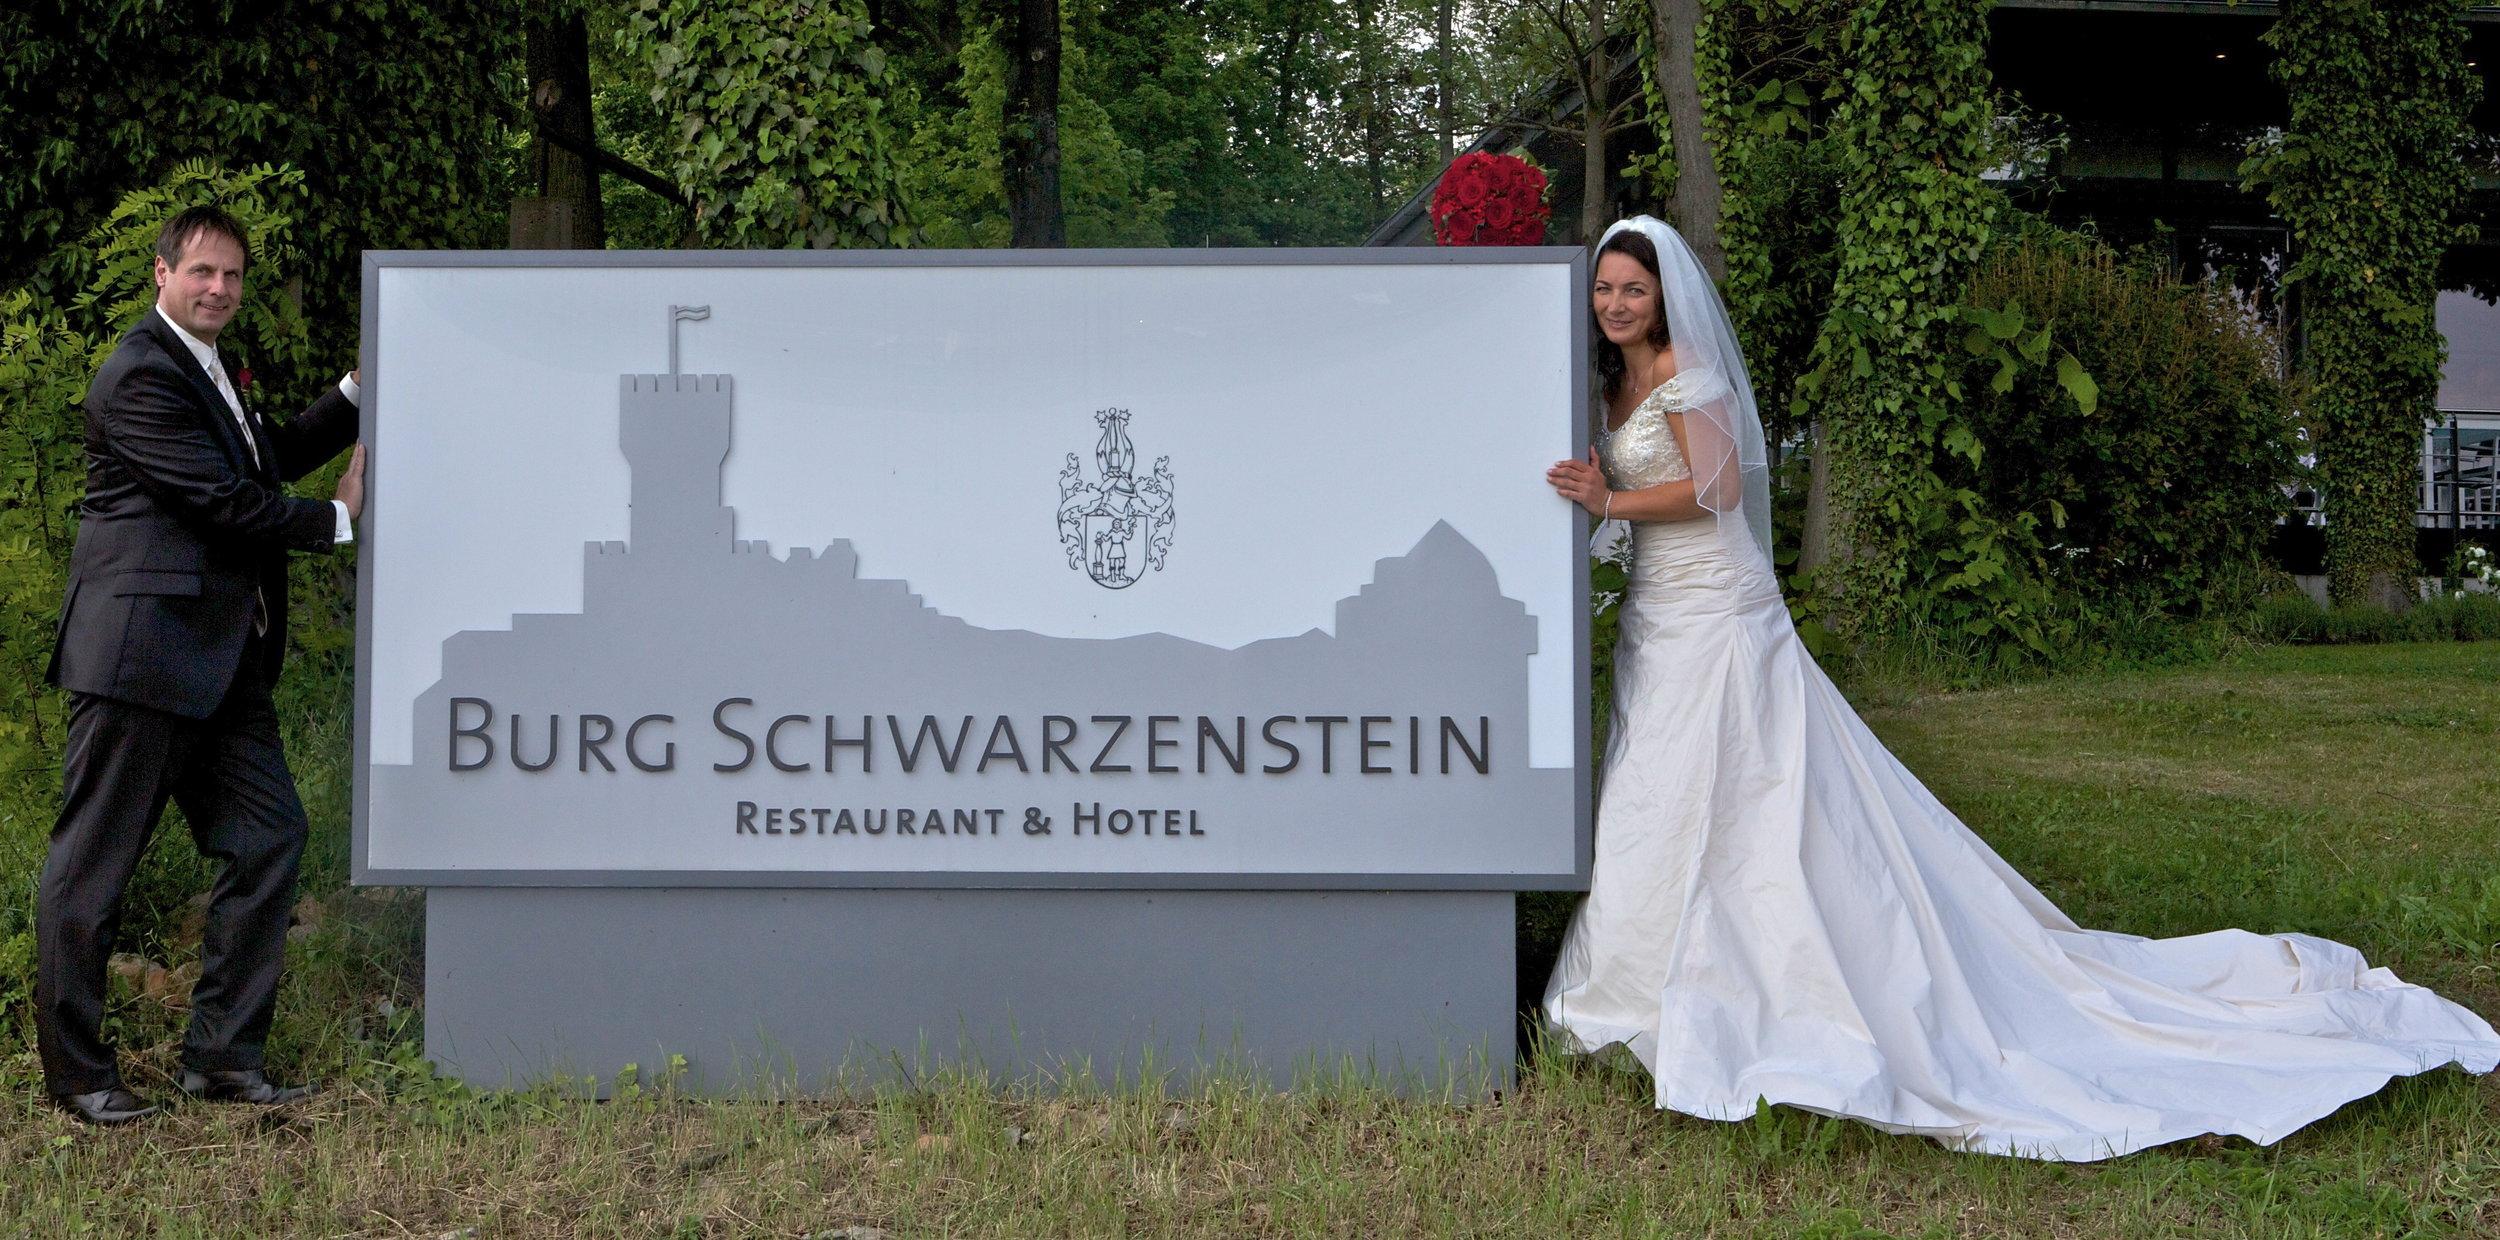 """""""Die Liebe ist ewig, solange wir uns um sie bemühen."""" Langjähriges Motto. Leitspruch. Wegweiser. Das Großartige im Kleinen sehen. Jeden Tag neu.  Freie Trauung von Astrid und Helmut, man sieht es, wo: In der """"Burg Schwarzentsein"""" in Geisenheim-Johannisberg, Rheingau."""